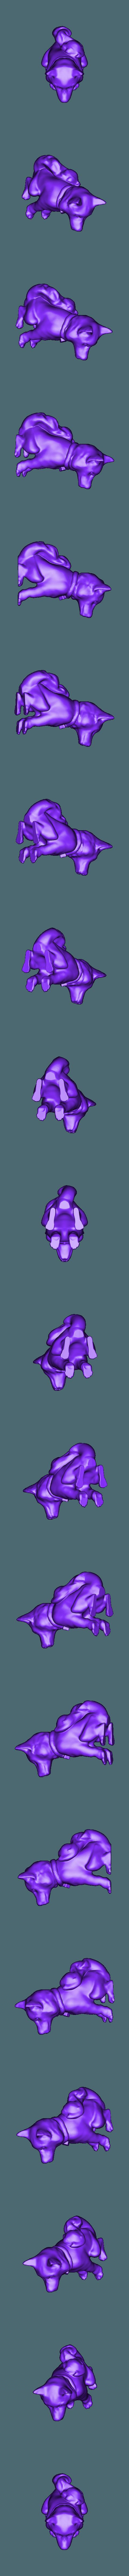 deety painted.obj Télécharger fichier OBJ gratuit Husky en position assise • Design pour impression 3D, Pza4Rza